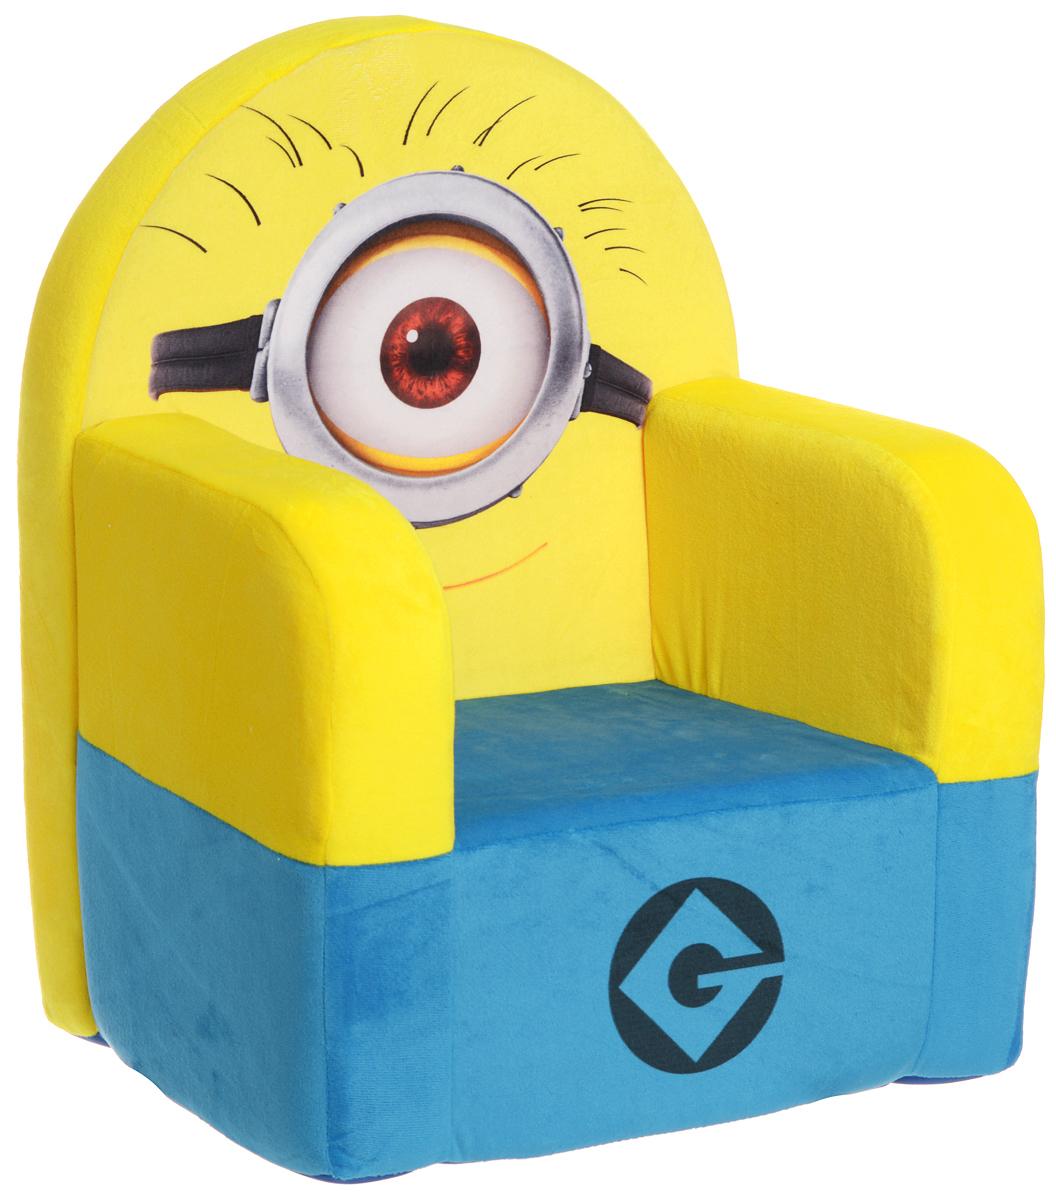 СмолТойс Мягкая игрушка Кресло Гадкий Я 53 см